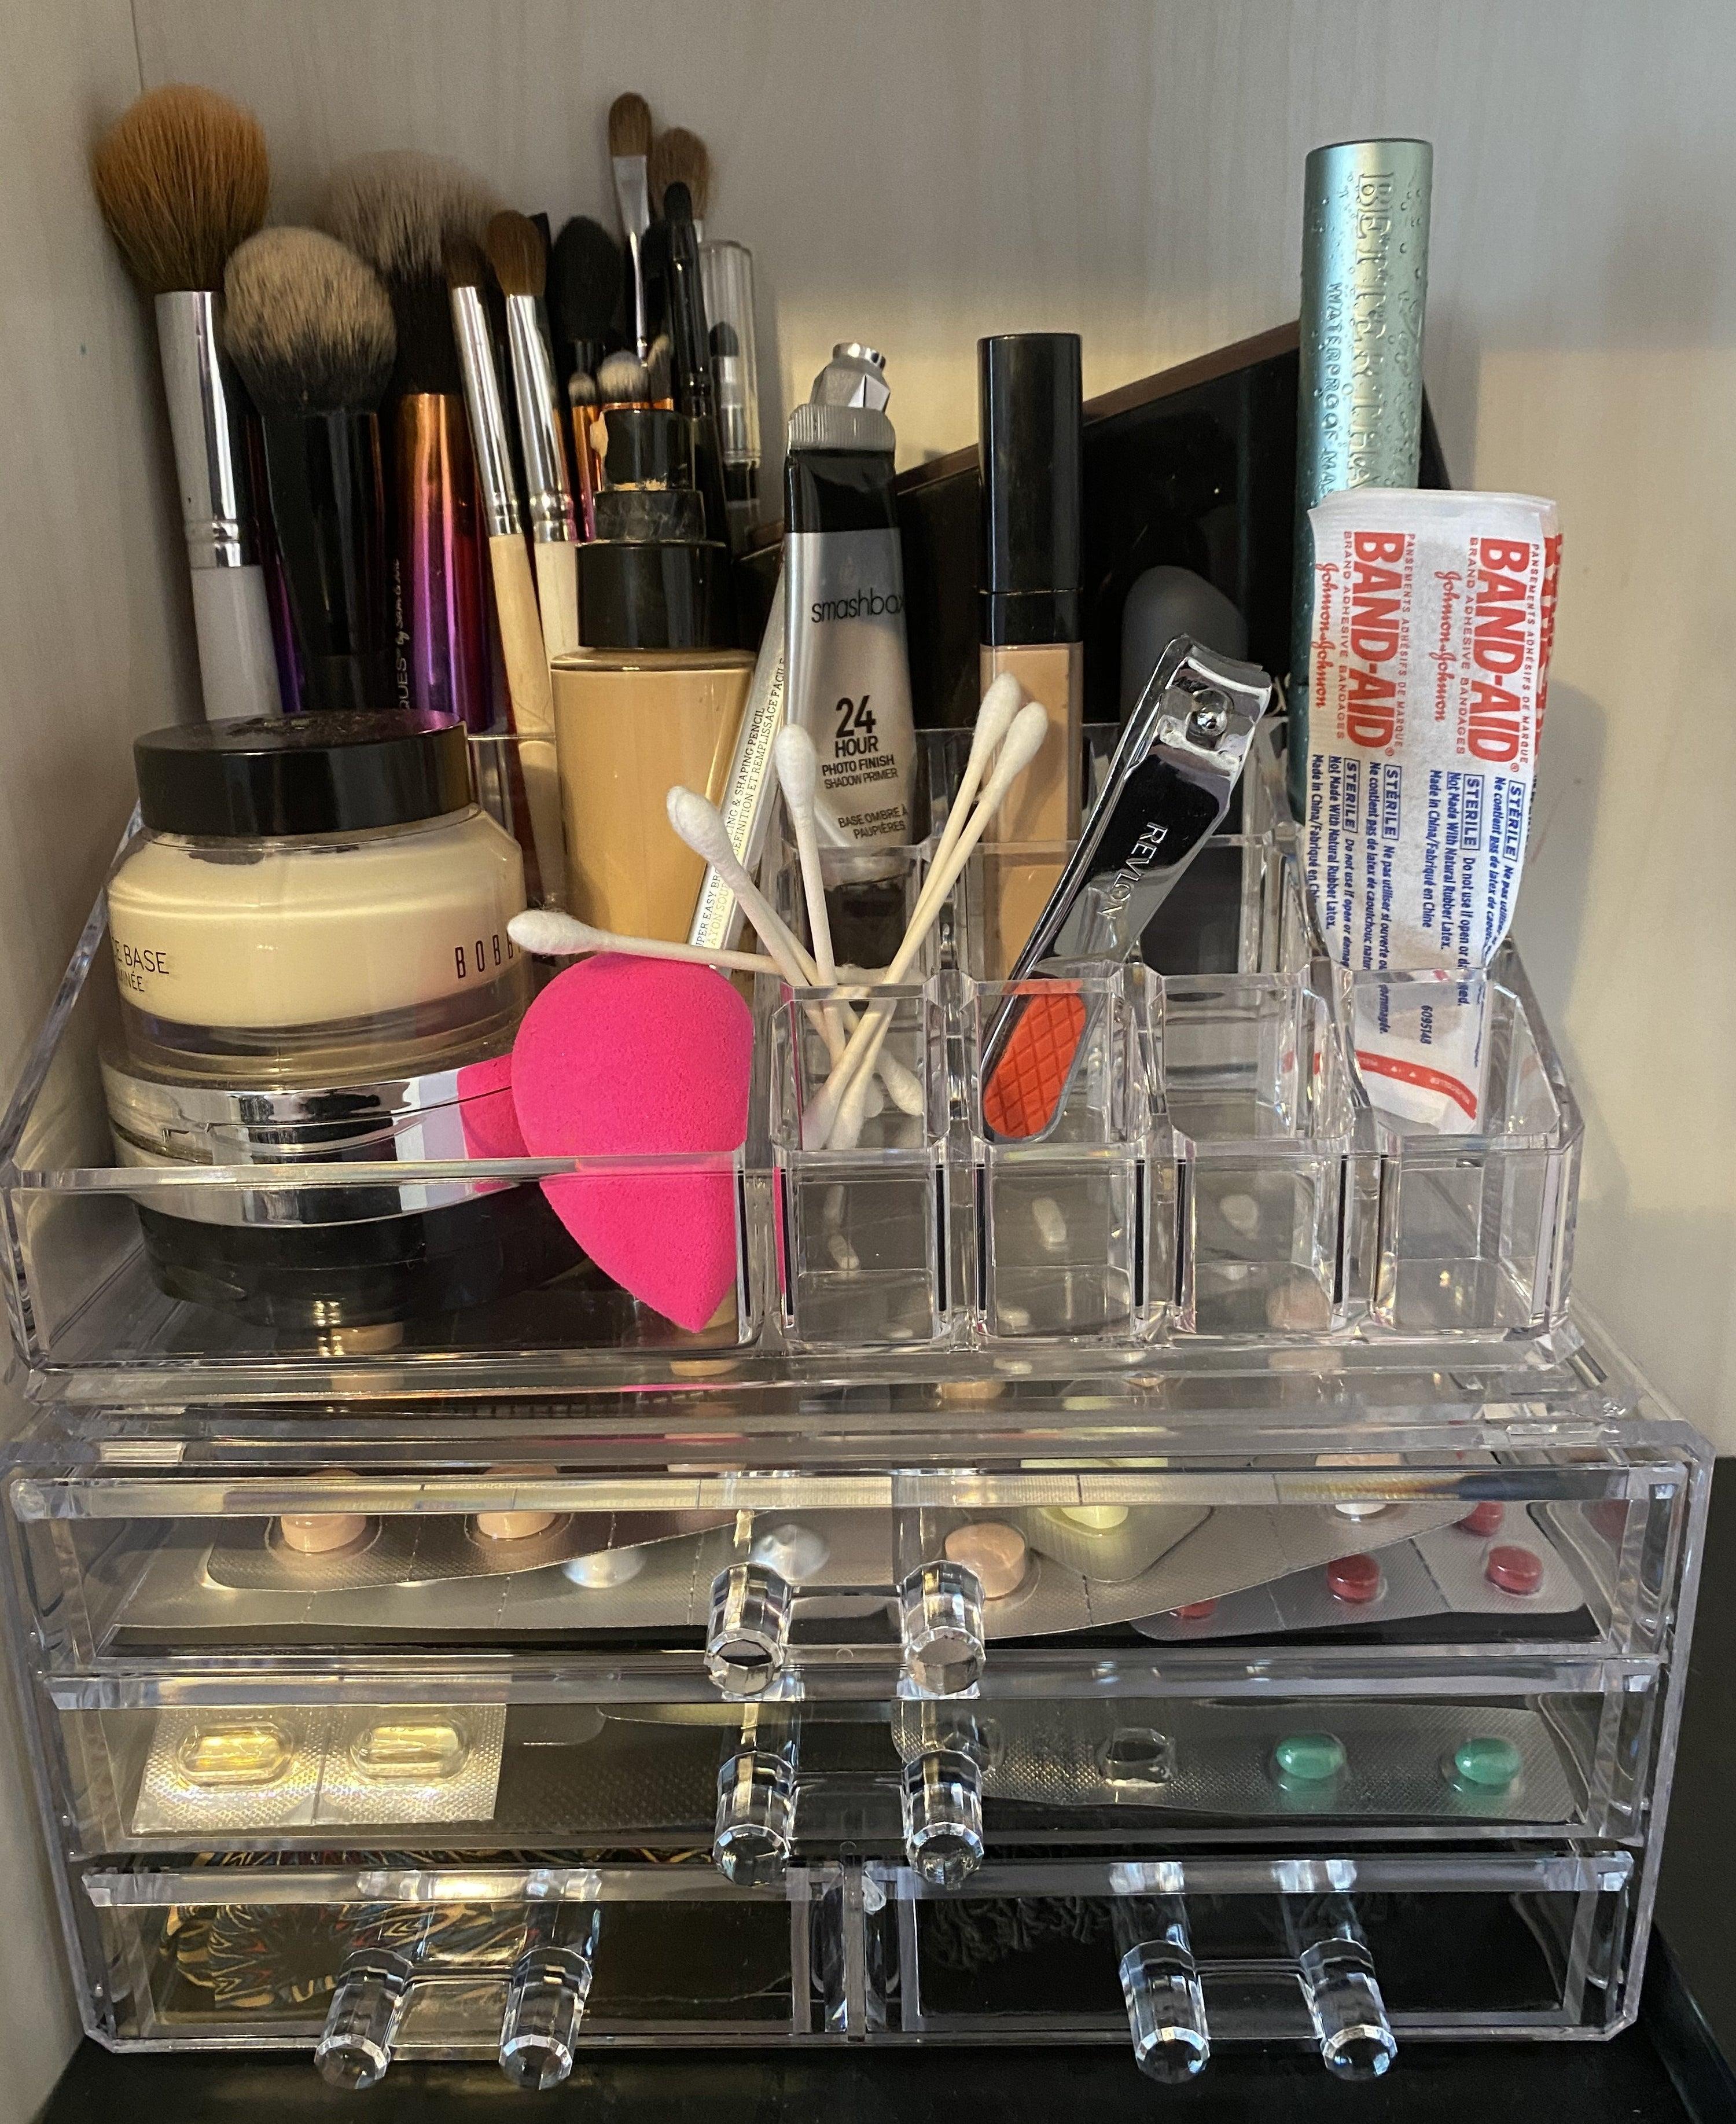 The makeup organizer holding various makeup products